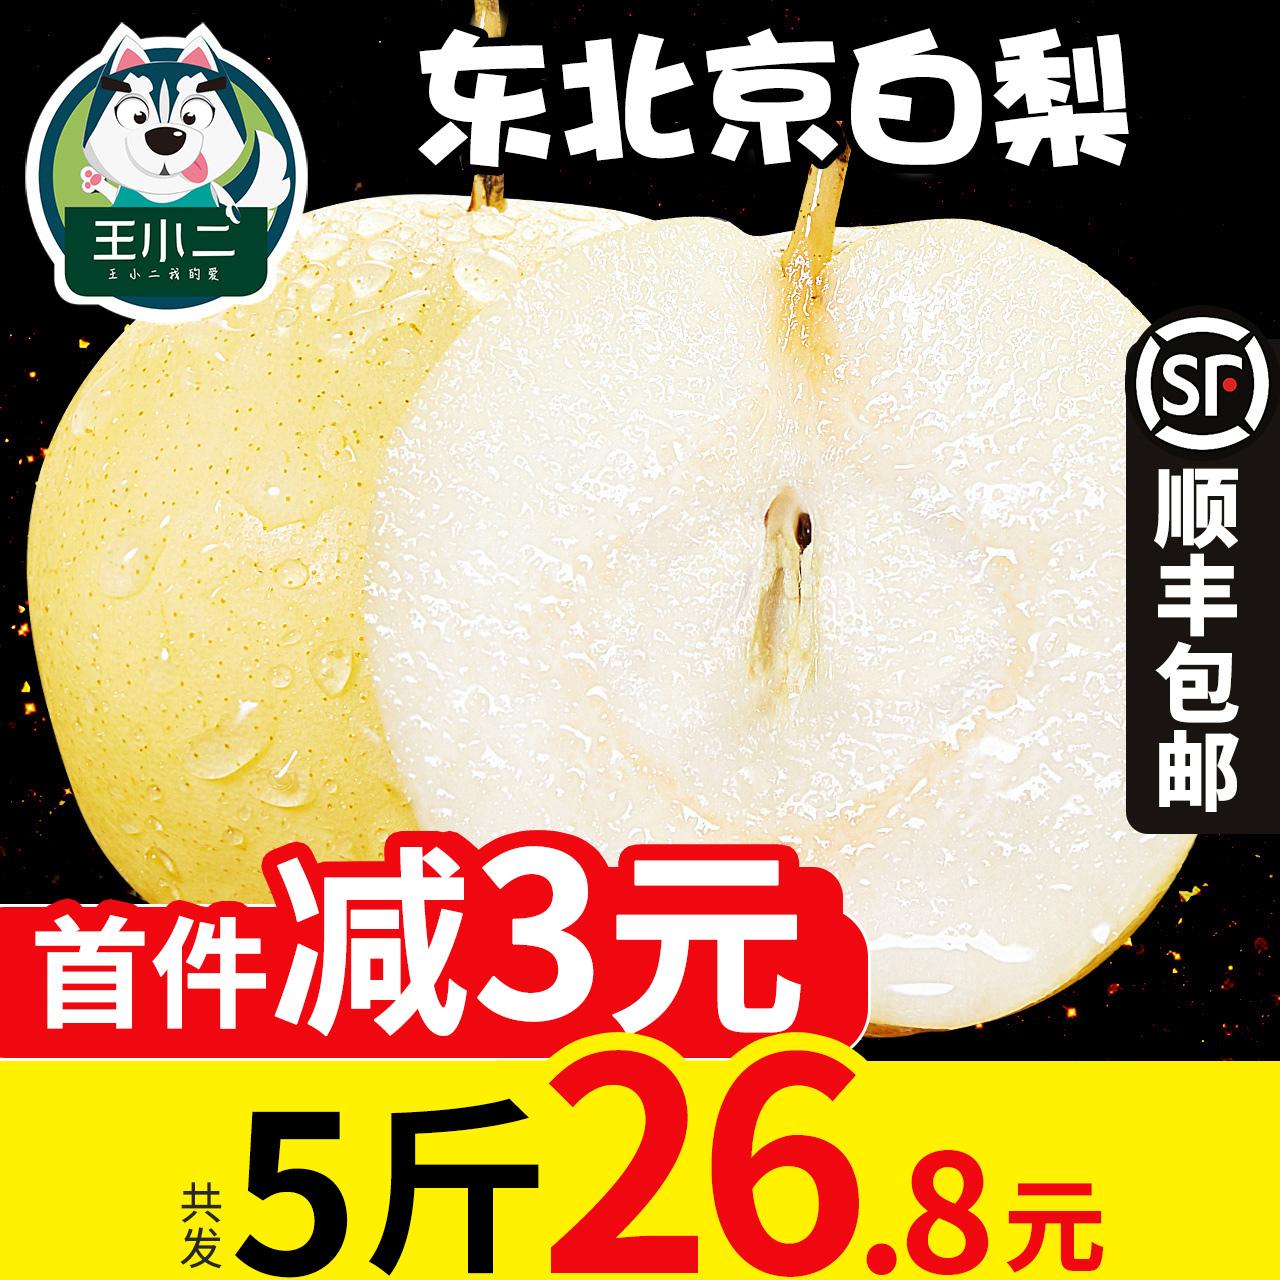 王小二 东北京白梨当季水果梨子新鲜特产应季黄金脆梨包邮批发5斤